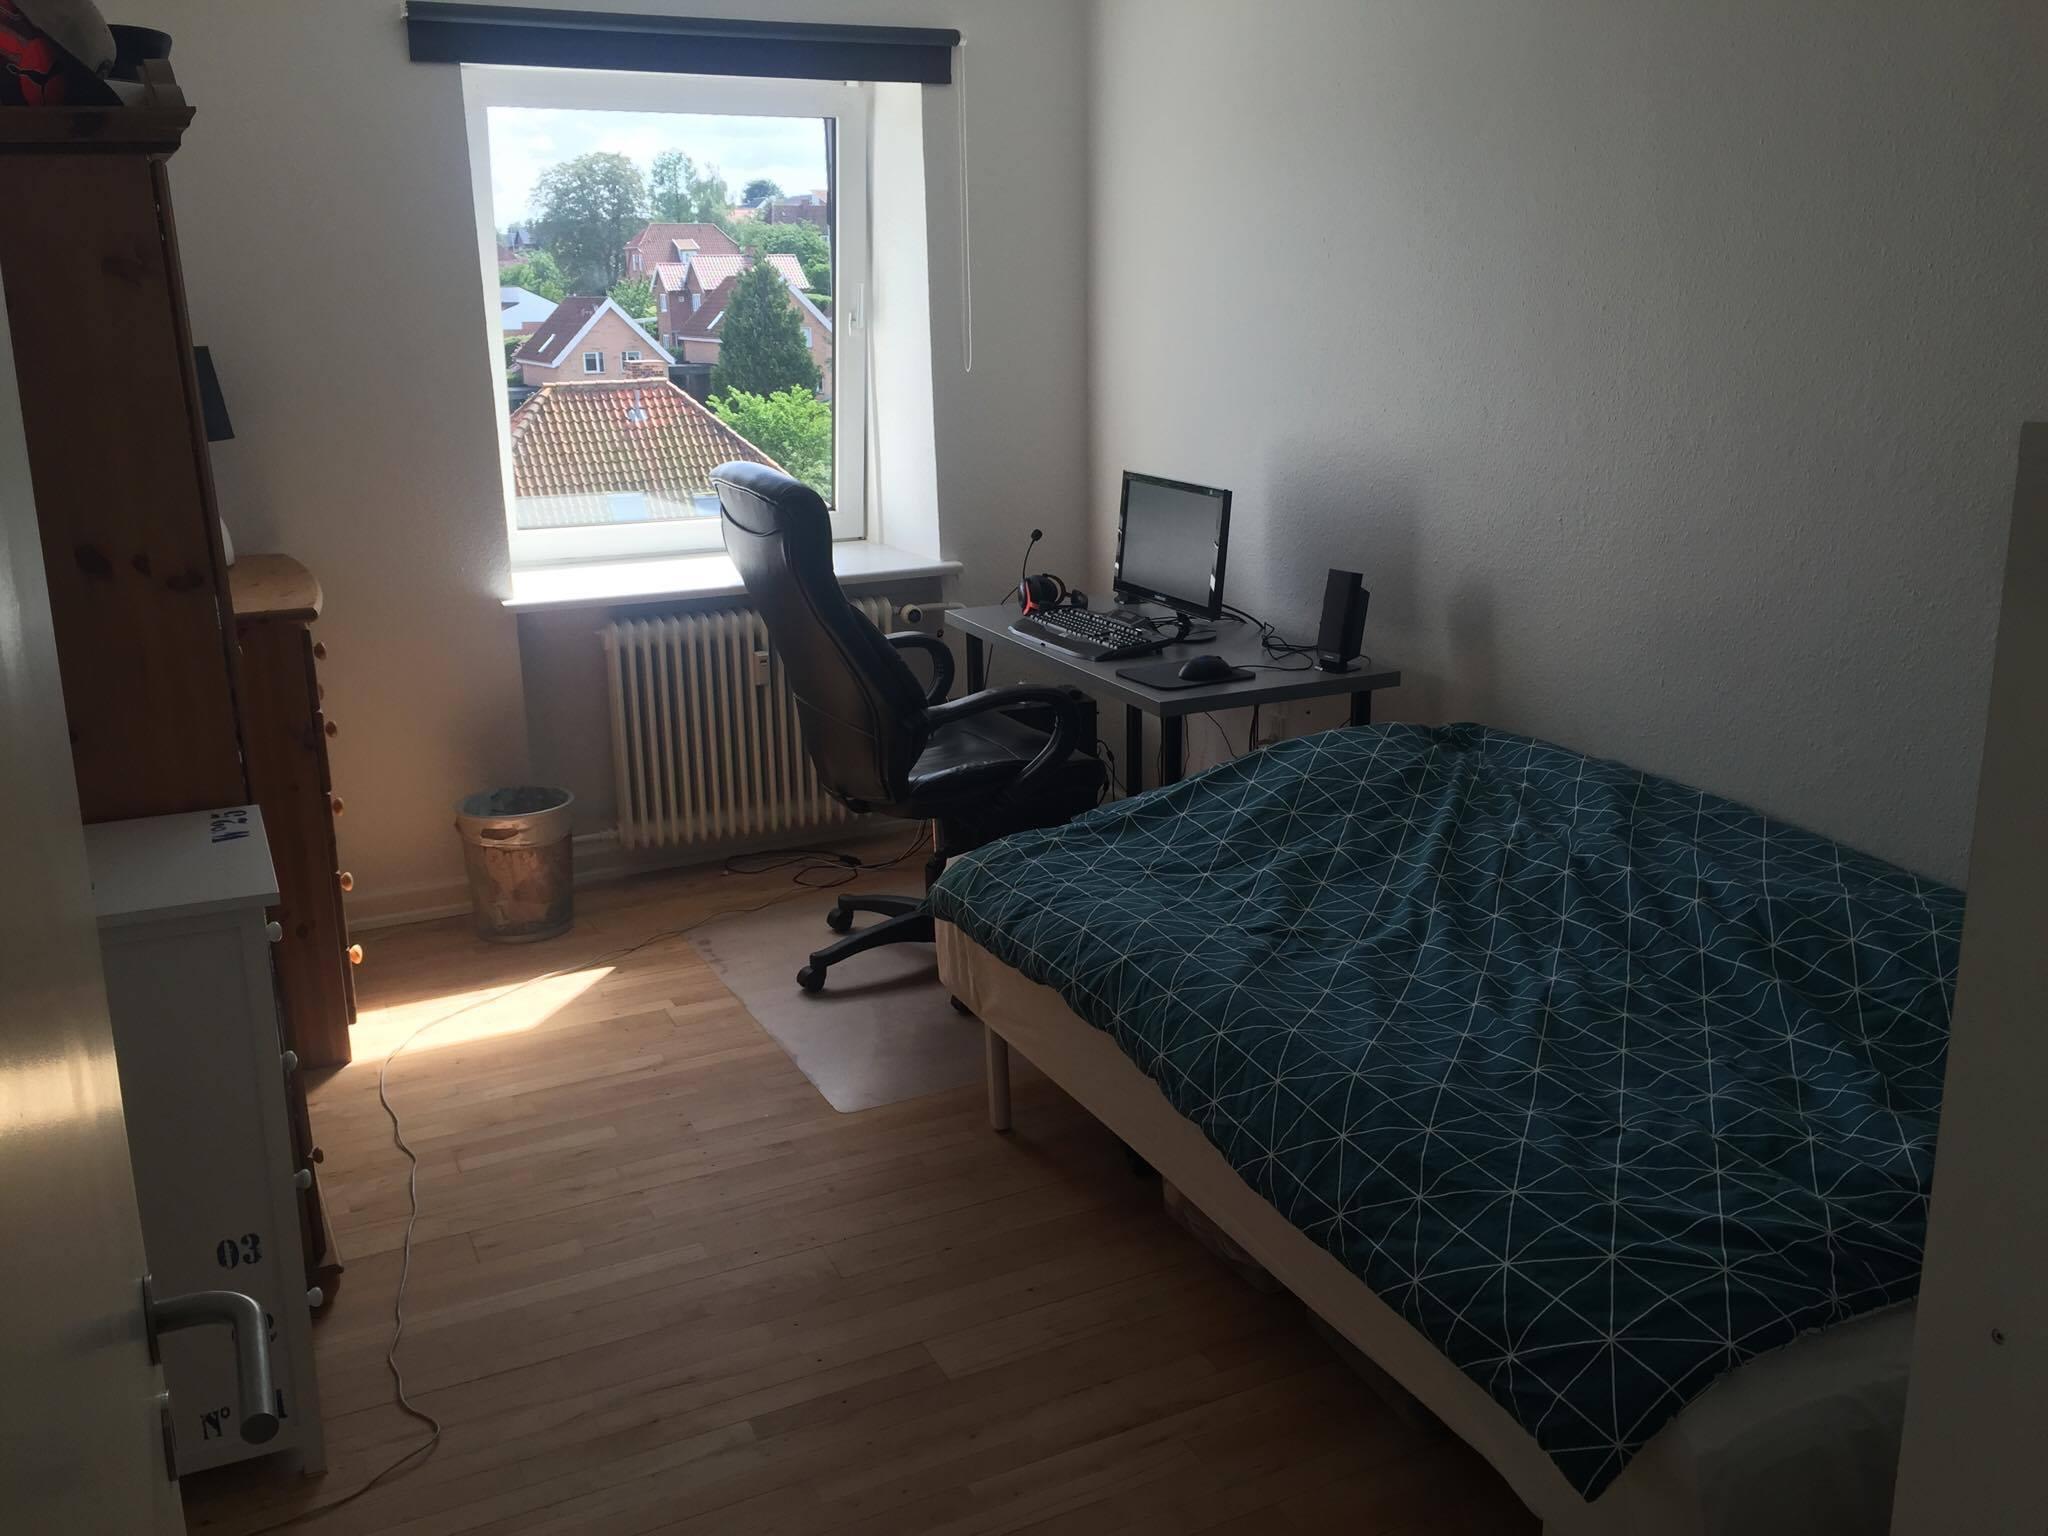 Roommate søges pr. 01/07 til 4-værelses 100 kvm lejlighed på Vestre Allé 3, lidt syd for Aalborg C